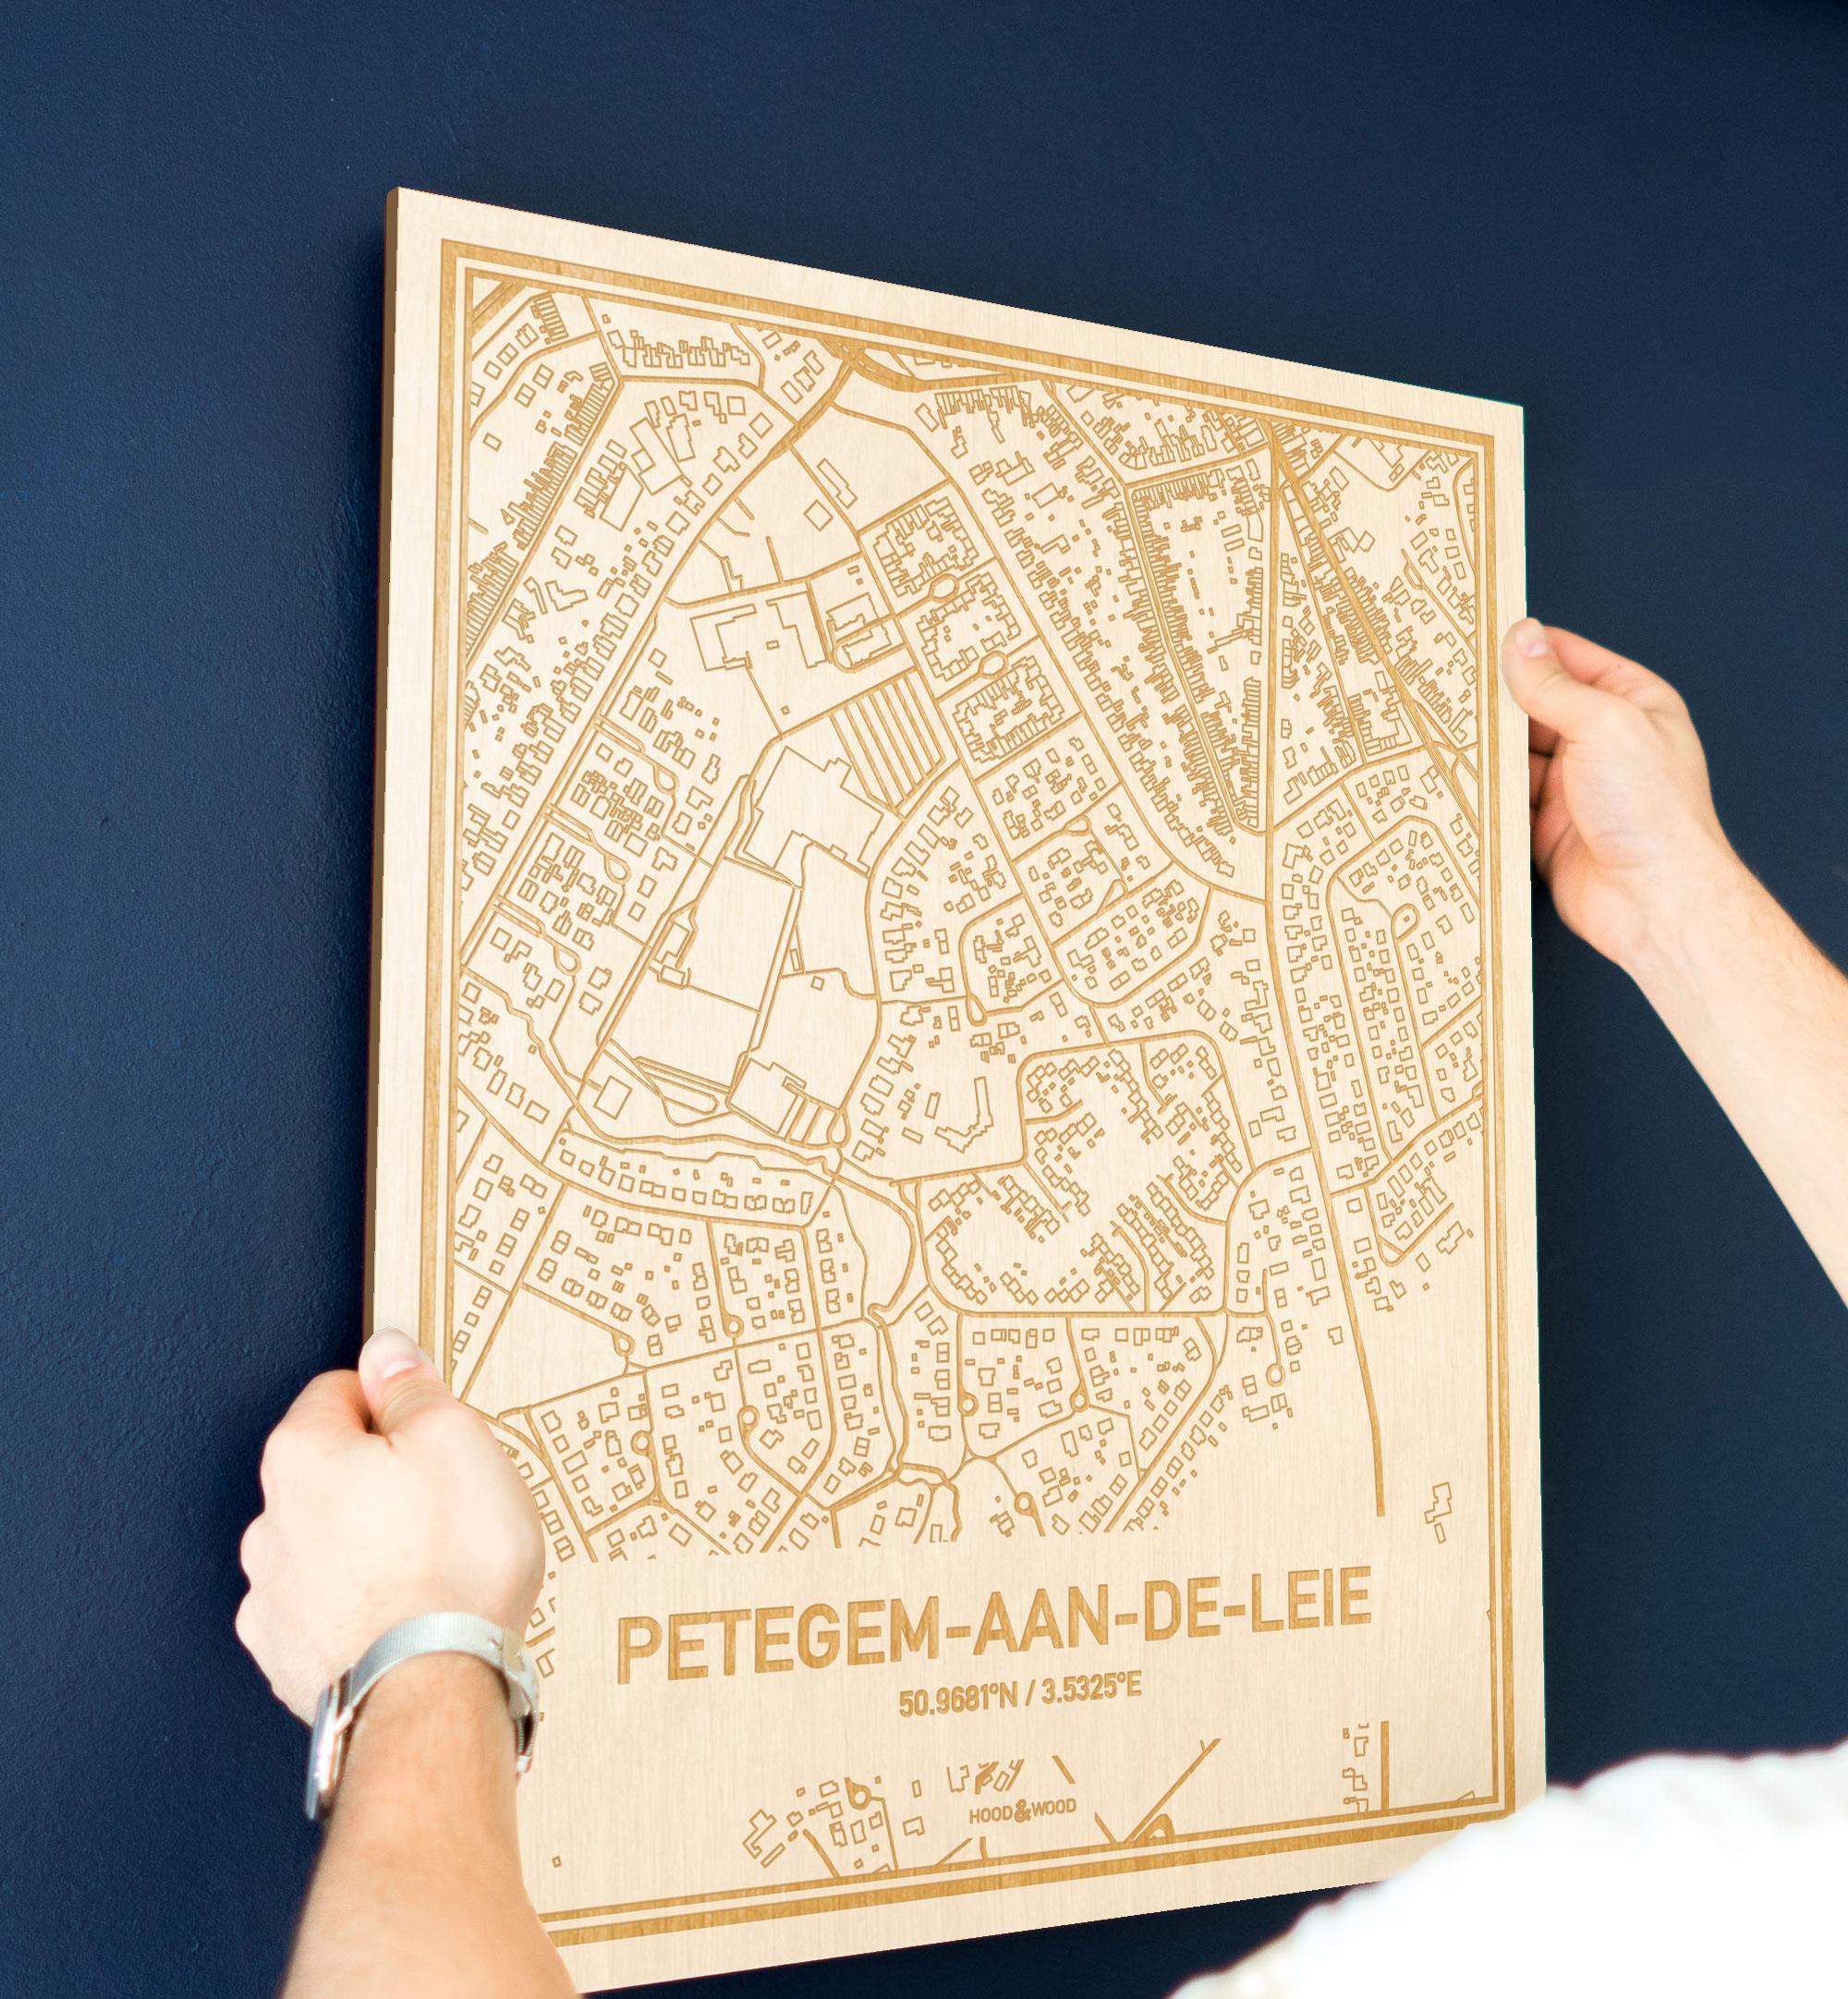 Een man hangt de houten plattegrond Petegem-Aan-De-Leie aan zijn blauwe muur ter decoratie. Je ziet alleen zijn handen de kaart van deze bijzondere in Oost-Vlaanderen  vasthouden.